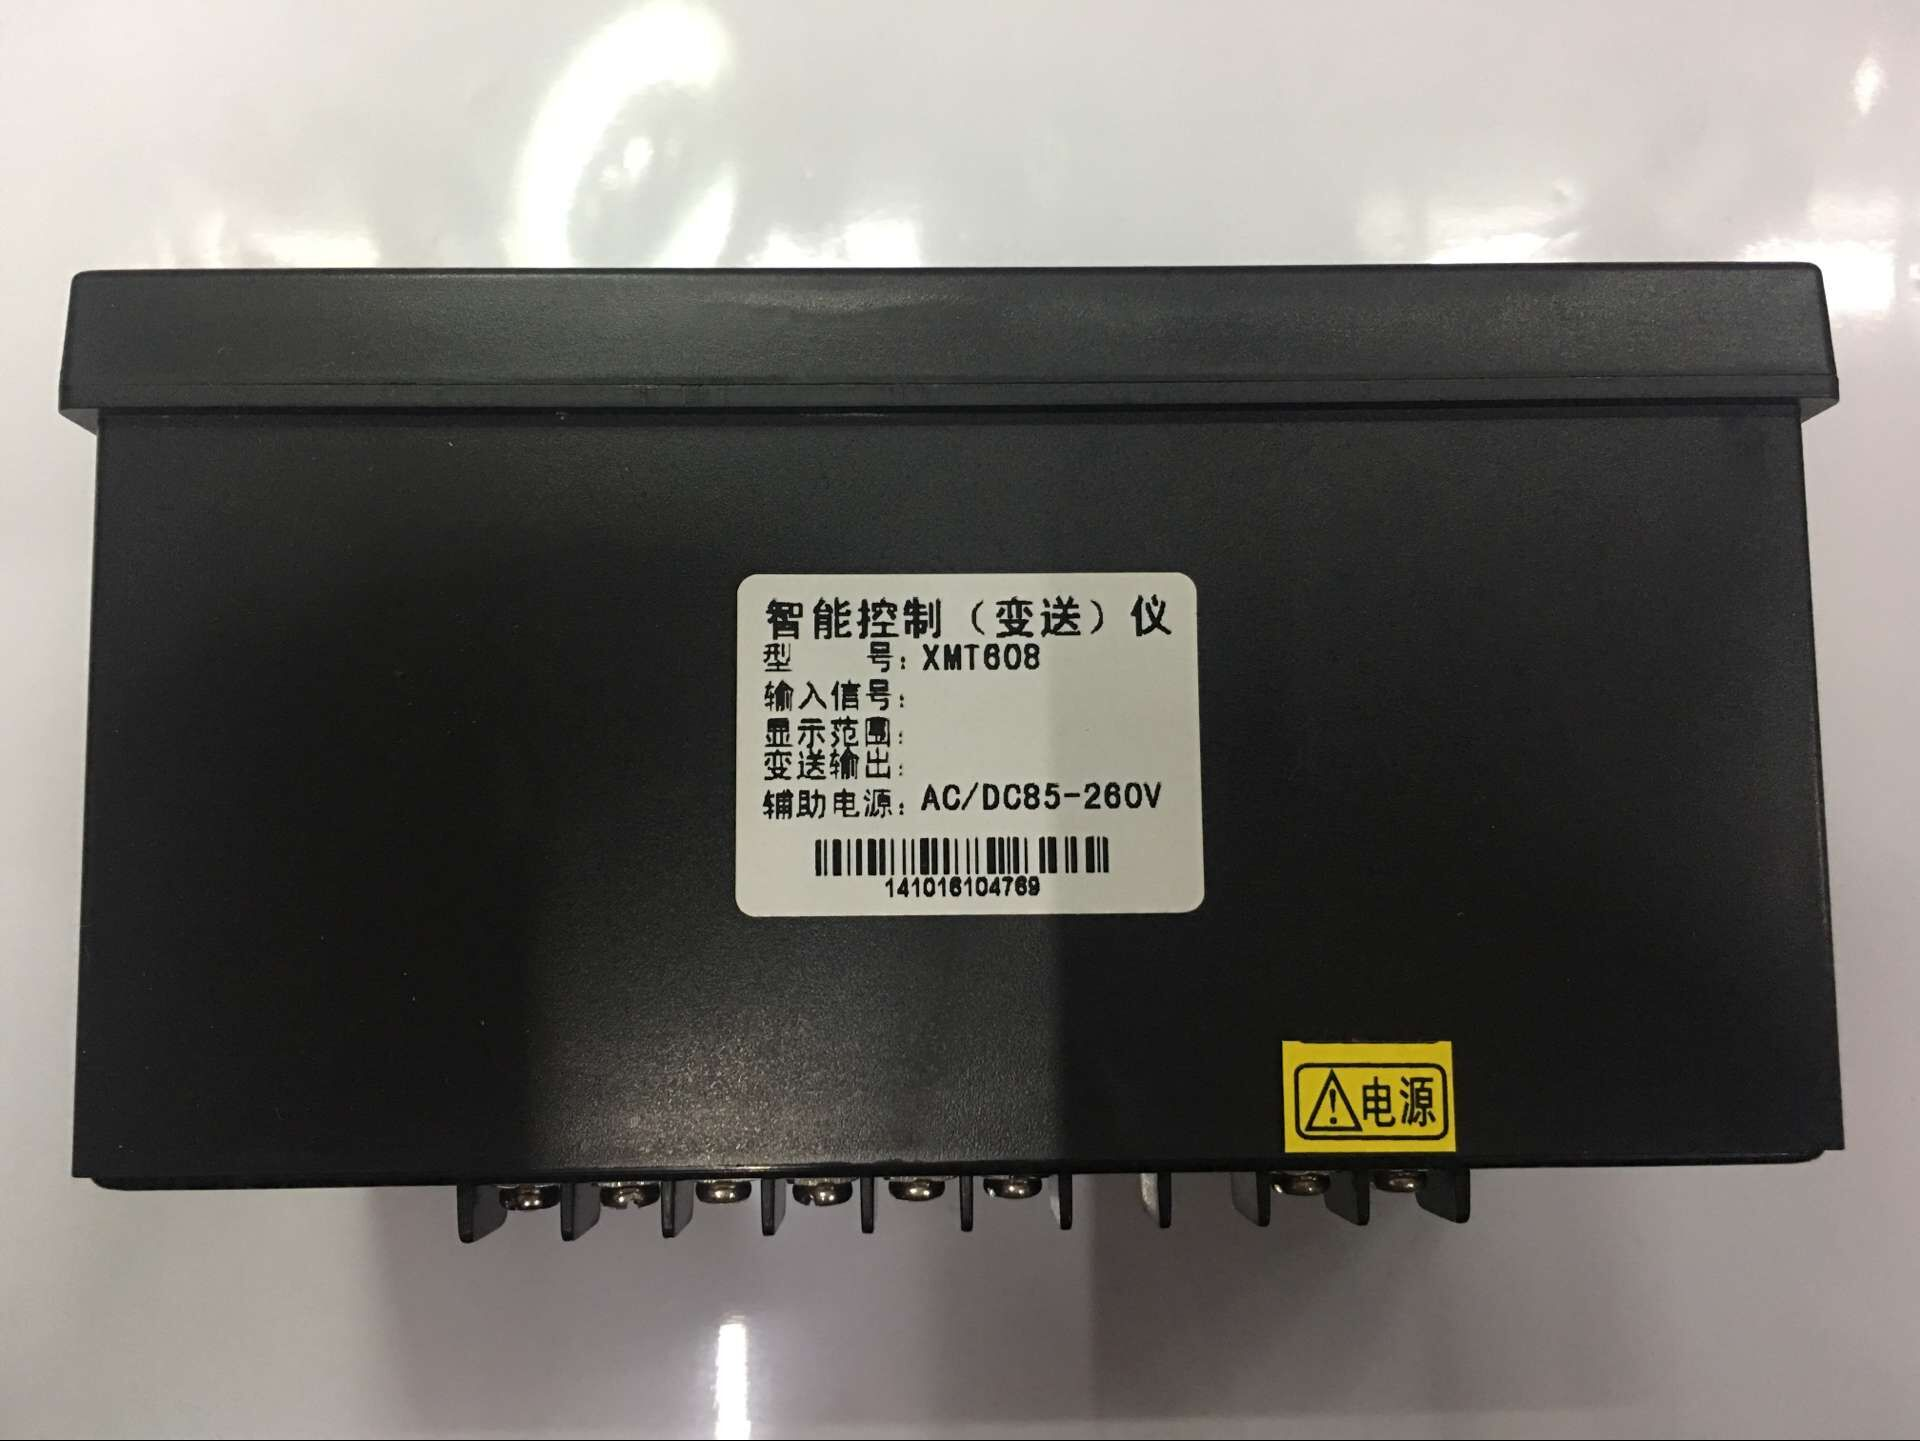 온도 제어 장치 온도계 数显 온도계 압력계 液位 태코 그래프 XMT608 만능 입력 데리고 계전기